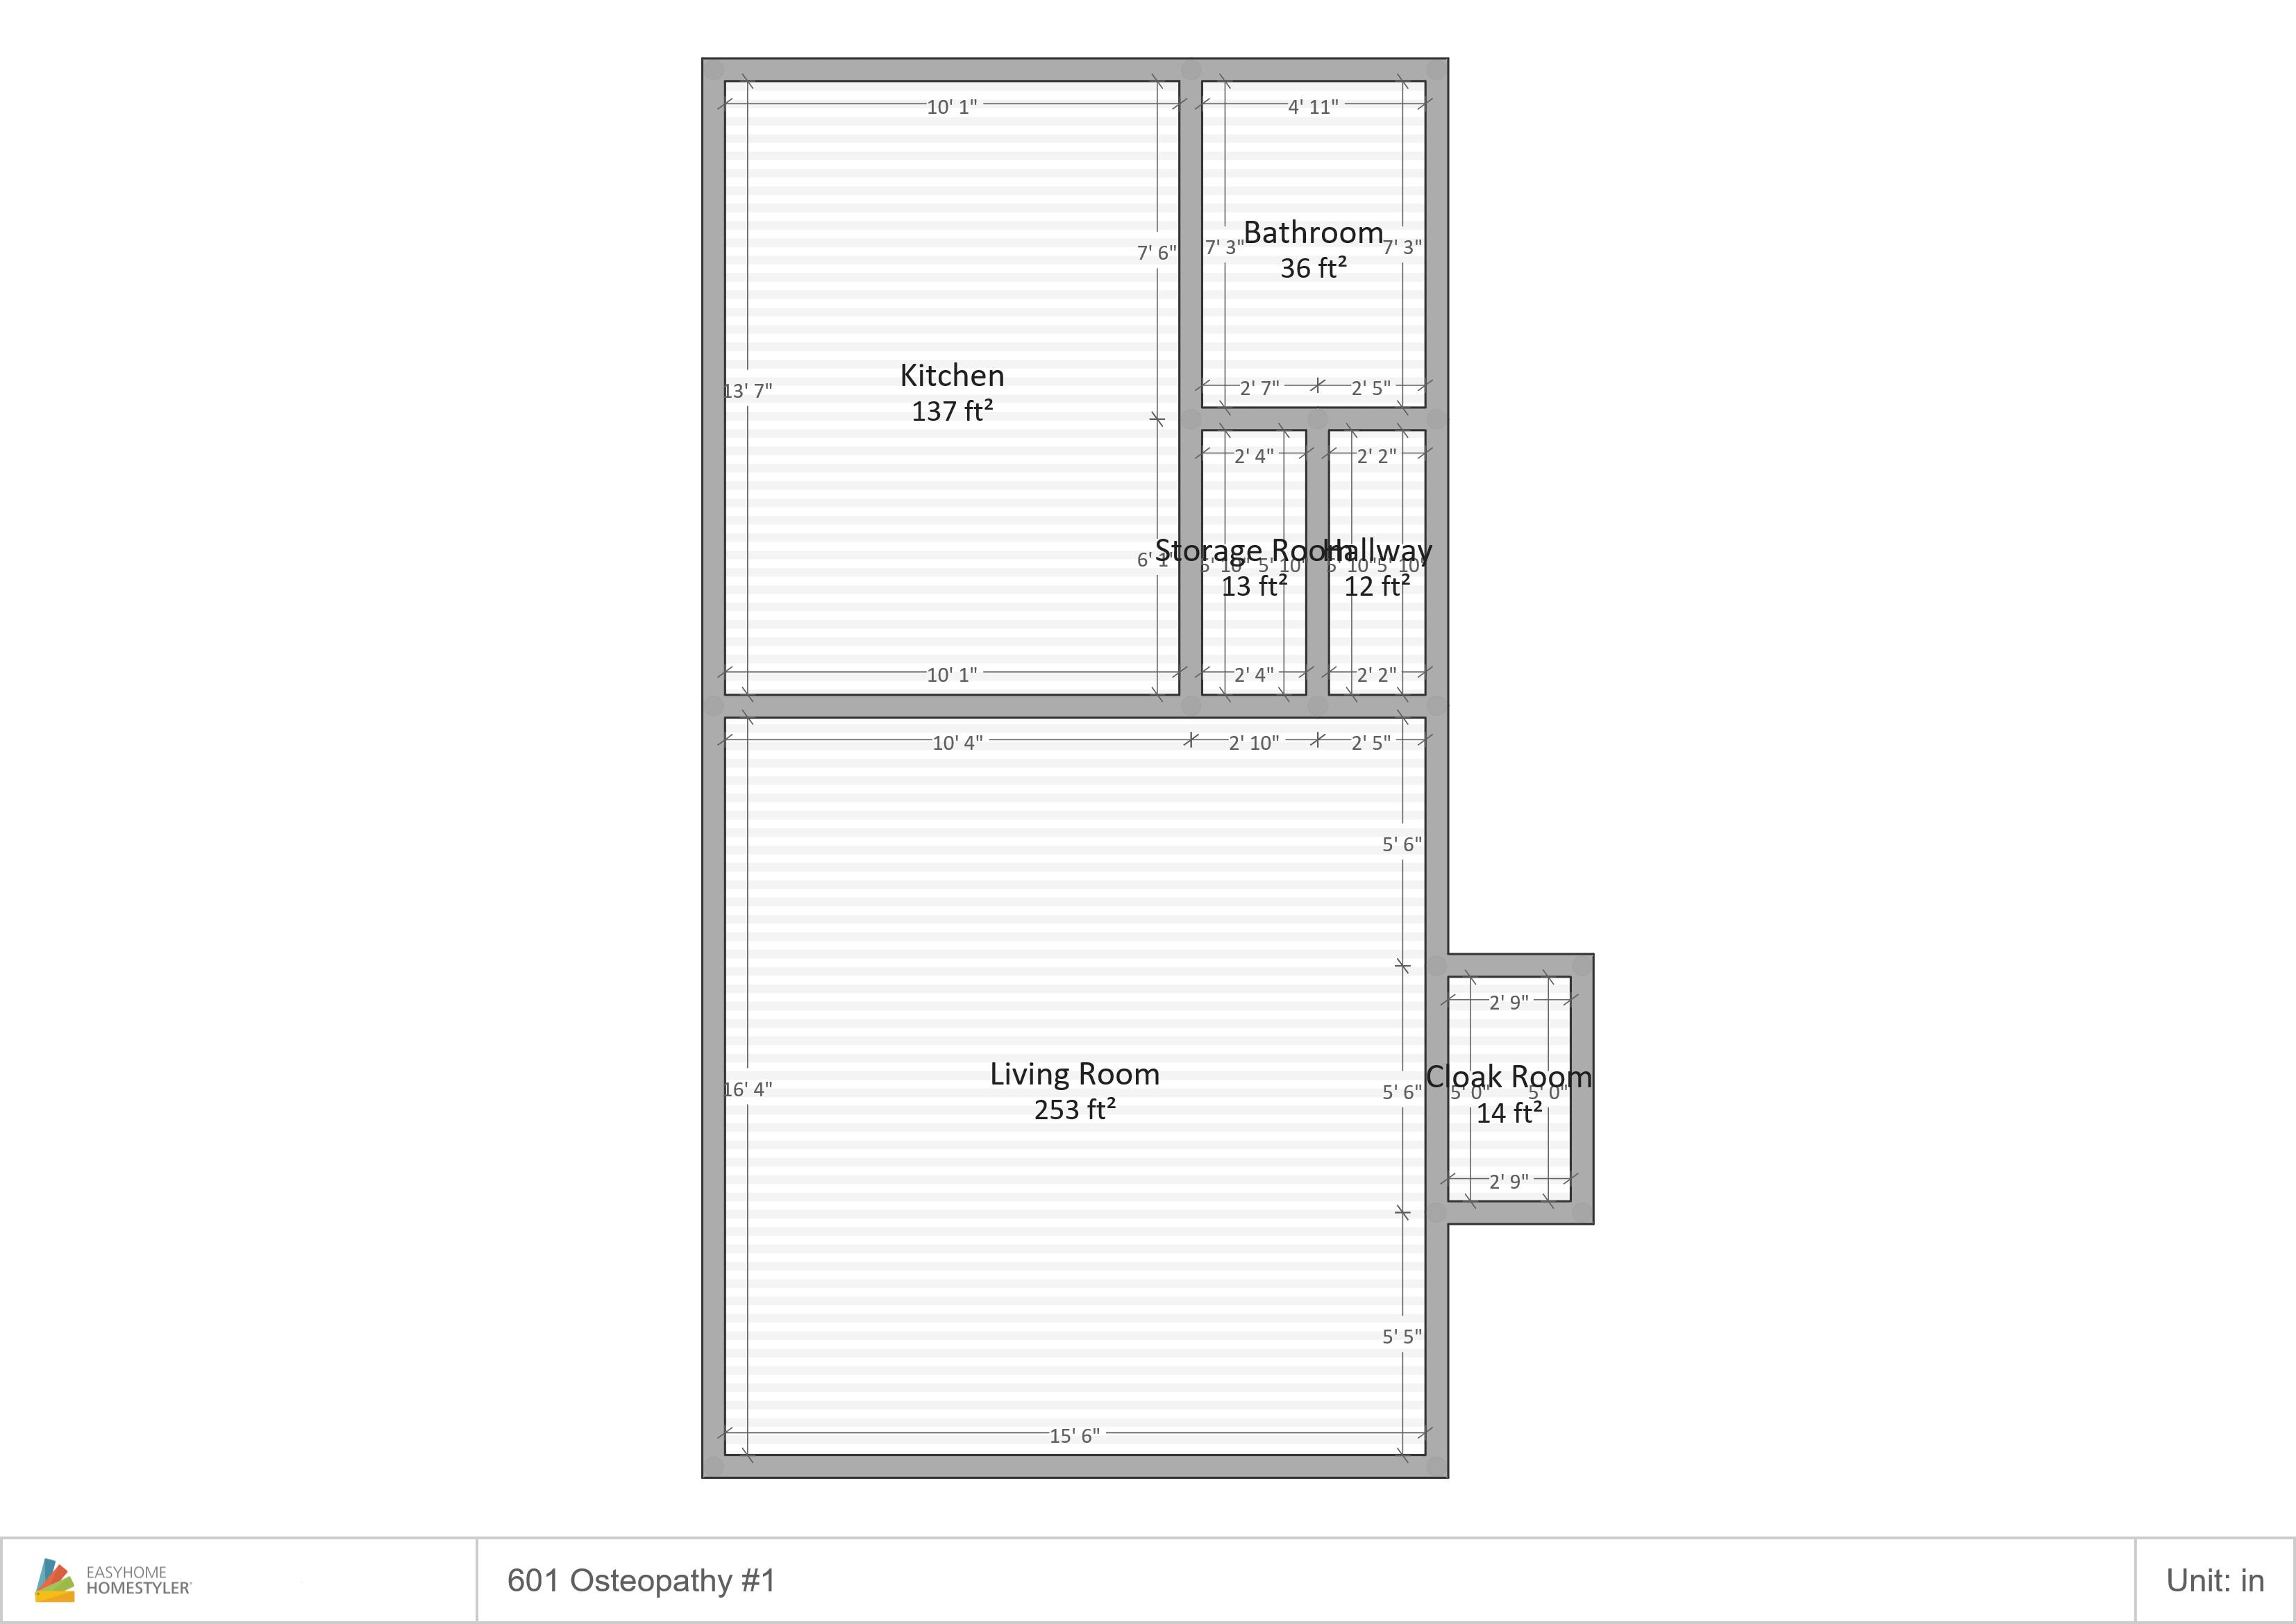 601 Ost-1 Floor Plan